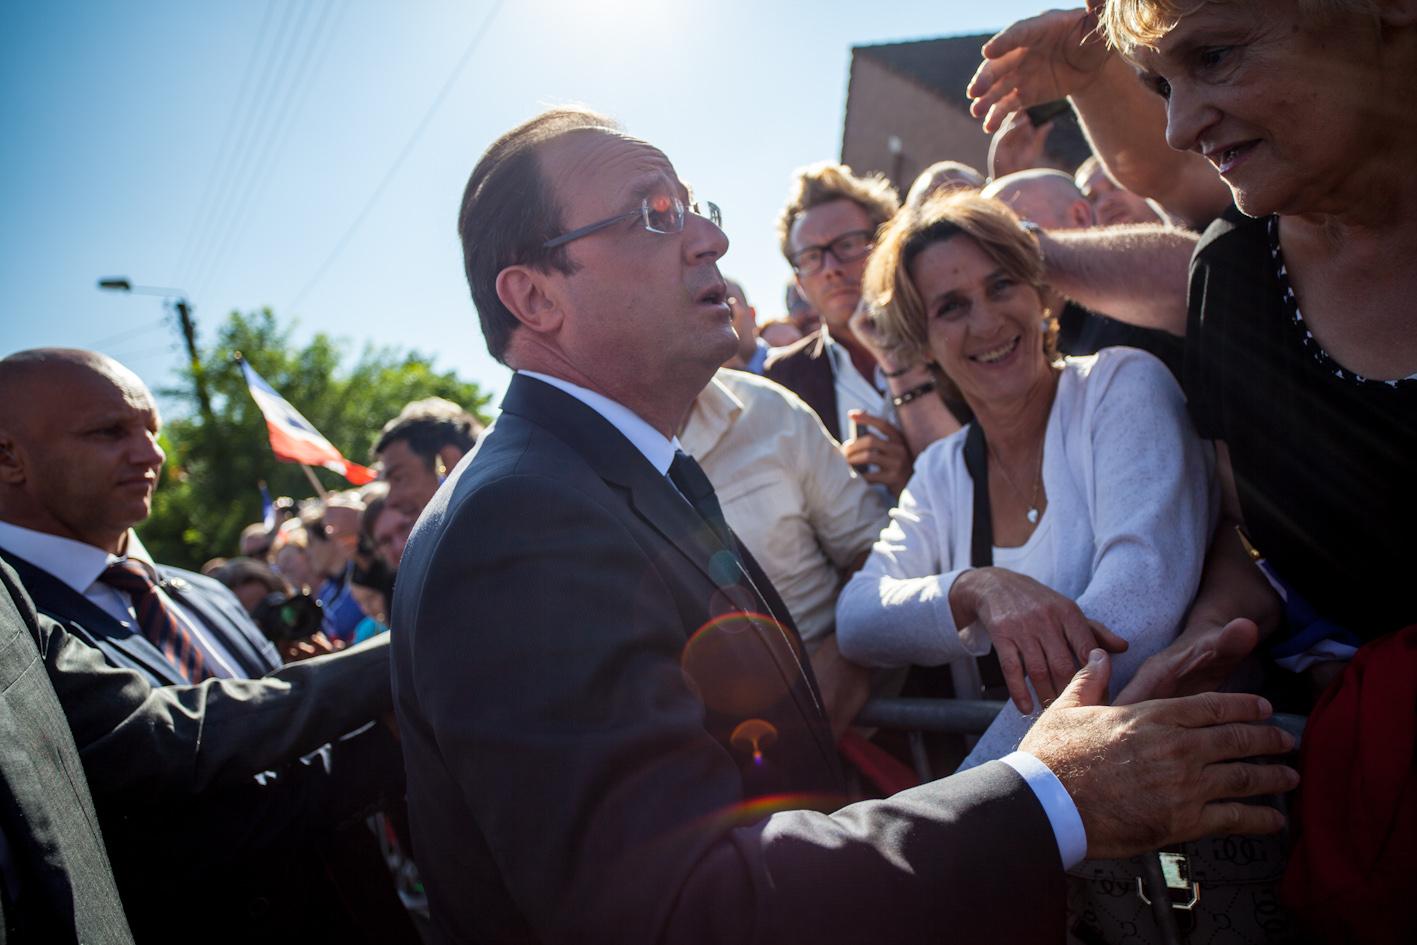 Reportage sur la venue de François Hollande, président de la république à Denain (59), pour promouvoir la réforme des rythmes scolaires dans une des villes les plus pauvres de France.  Publié sur le site de dailynord.fr